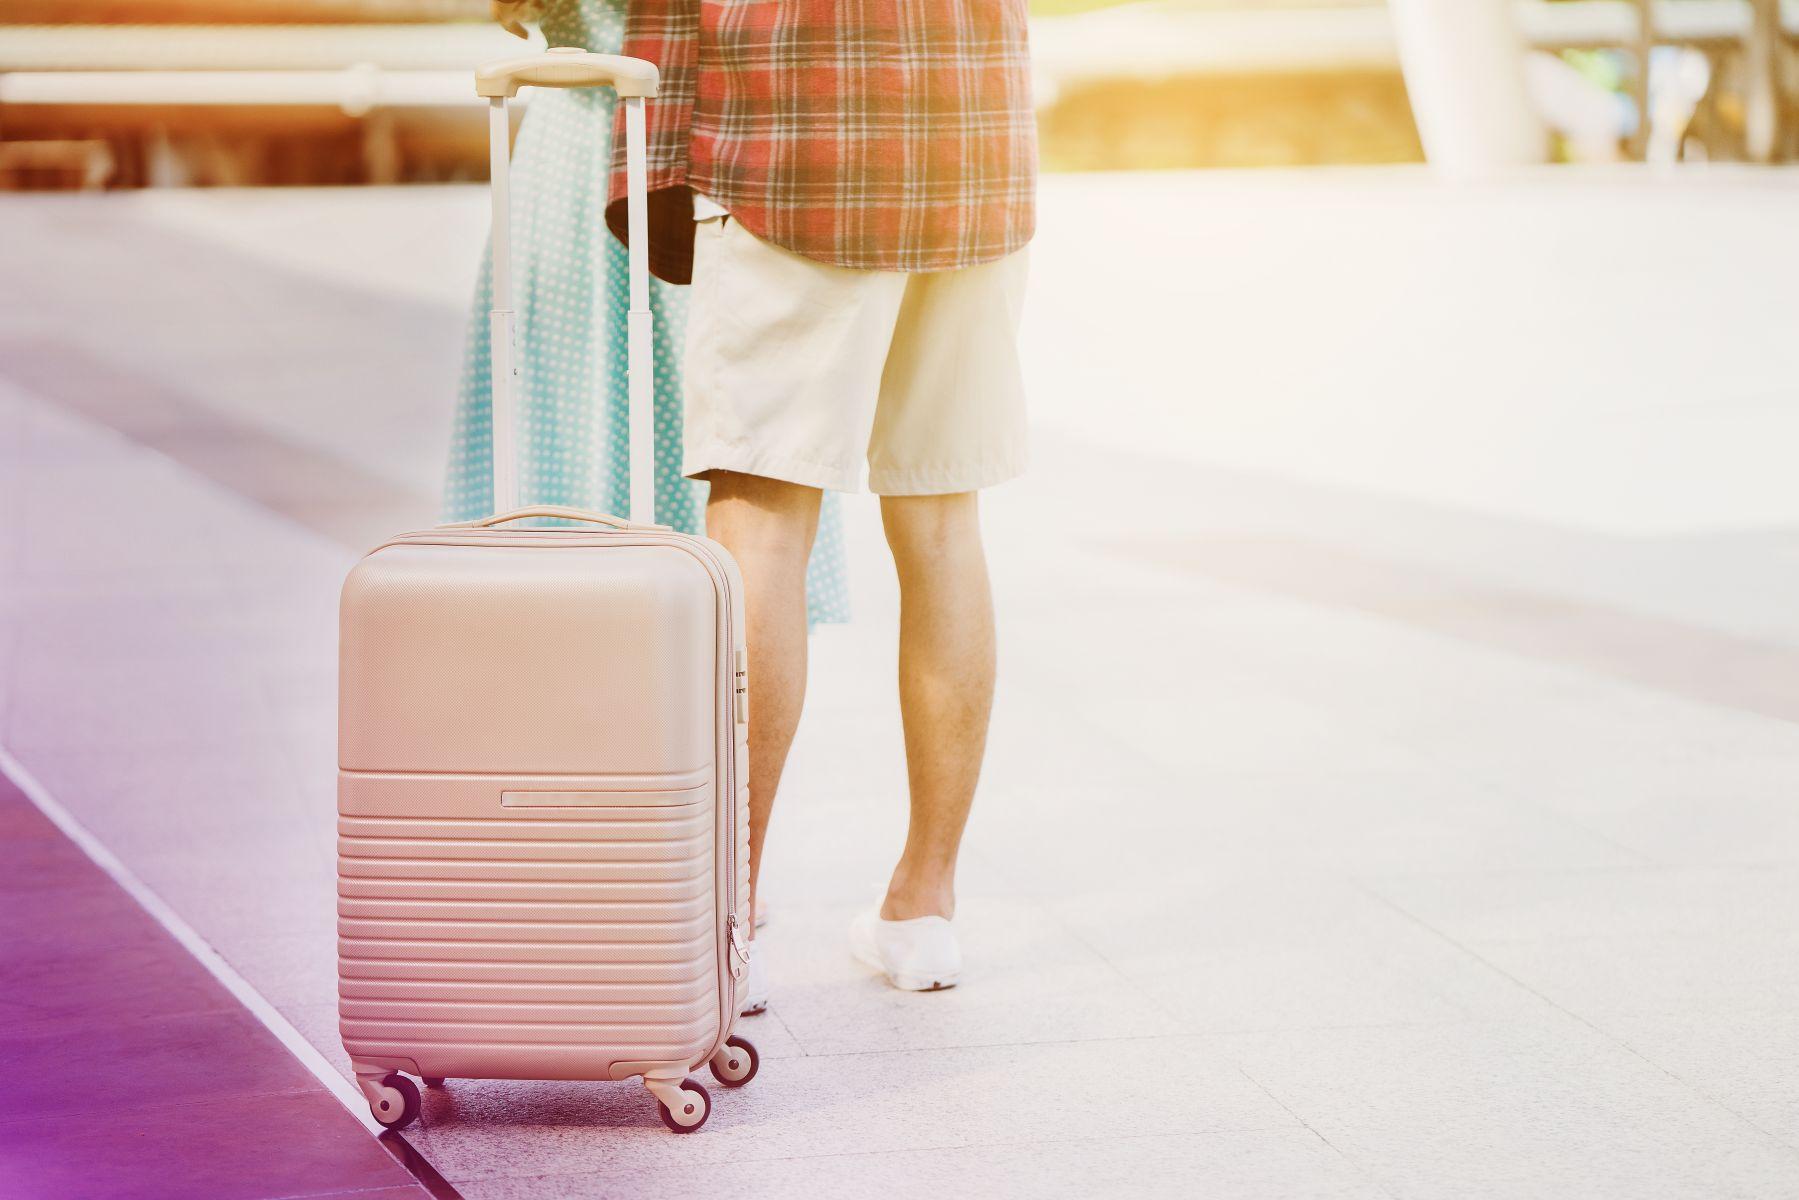 台灣虎航拚擴大收益 手提行李超限將加收1000元